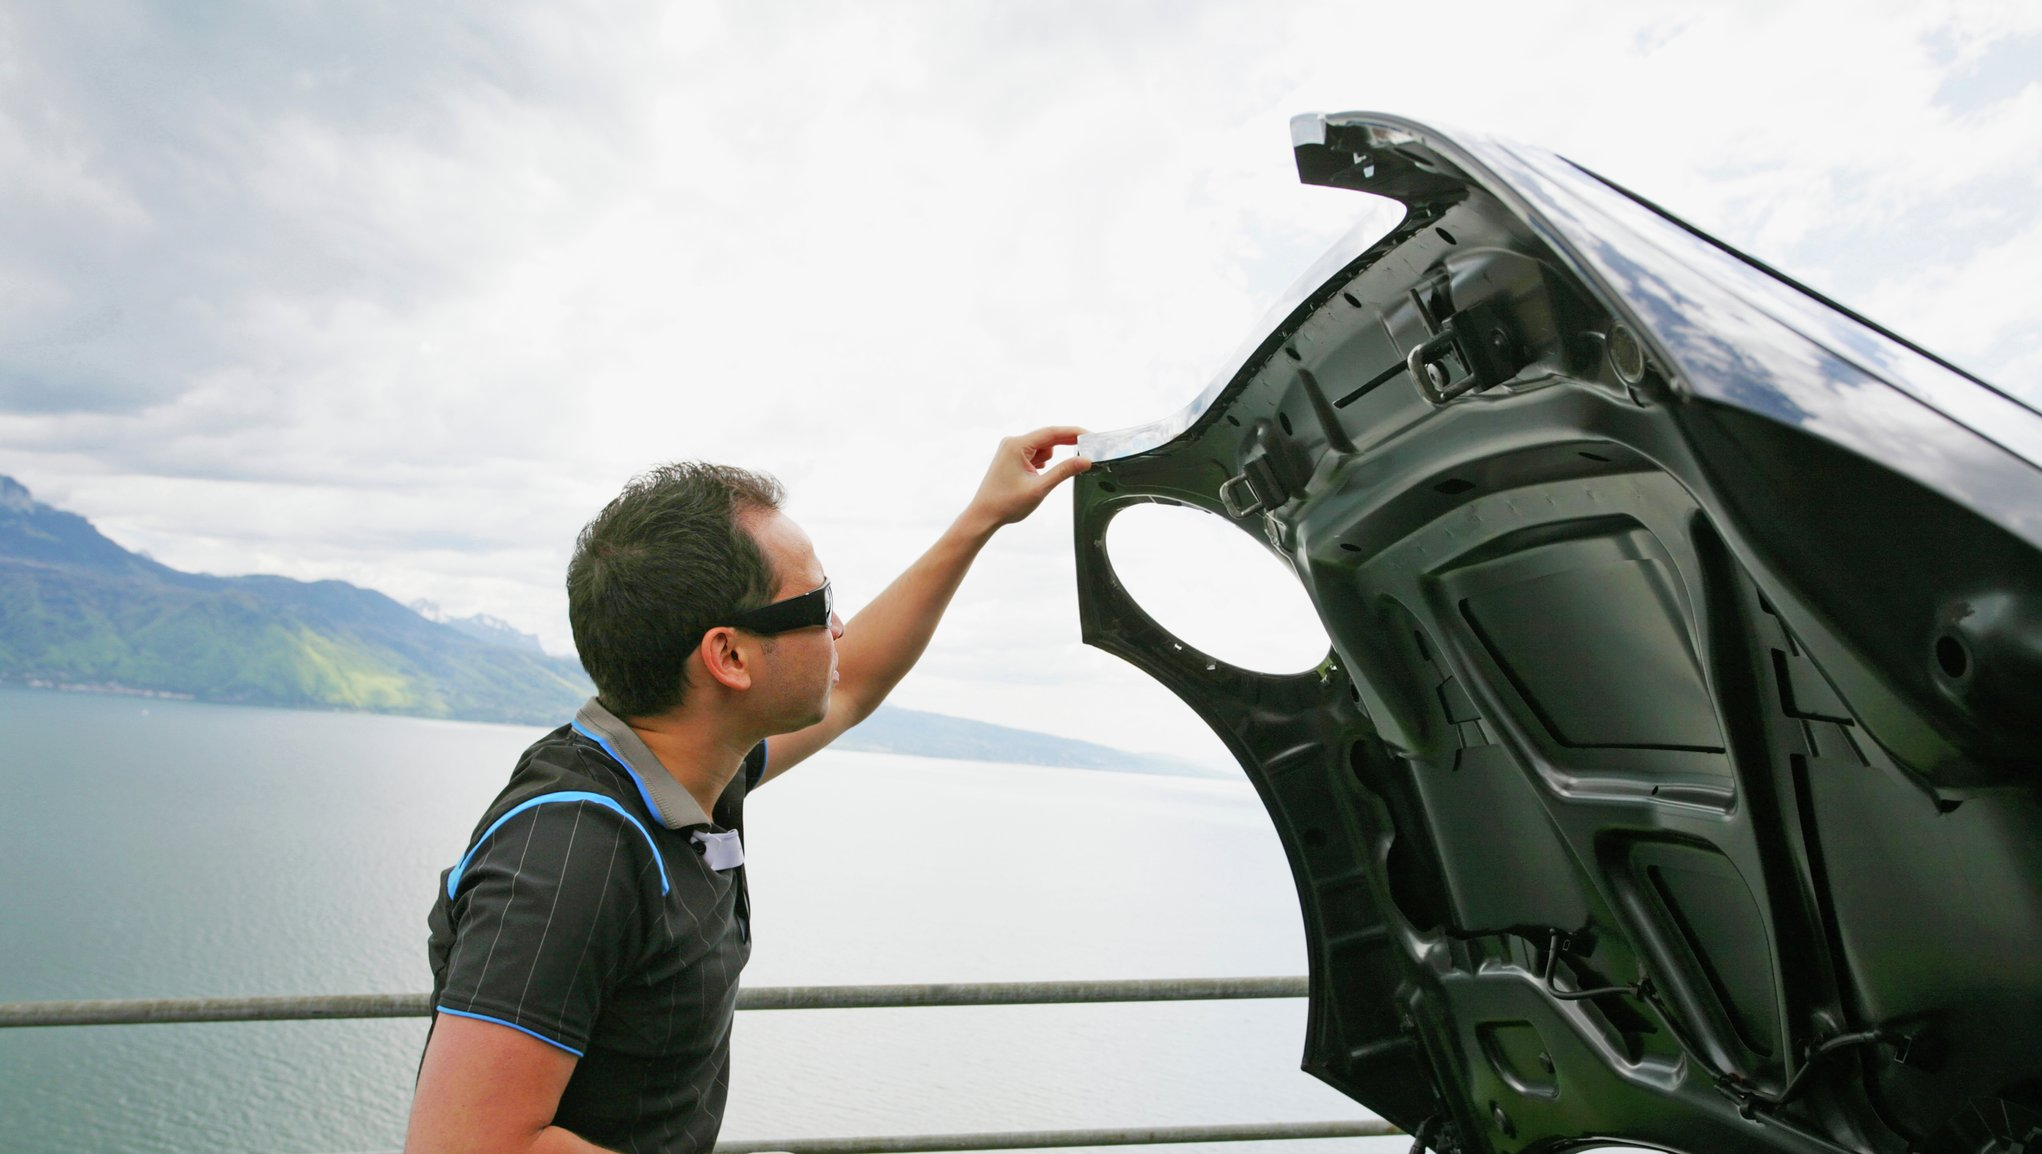 Mann som åpner panseret på en bil